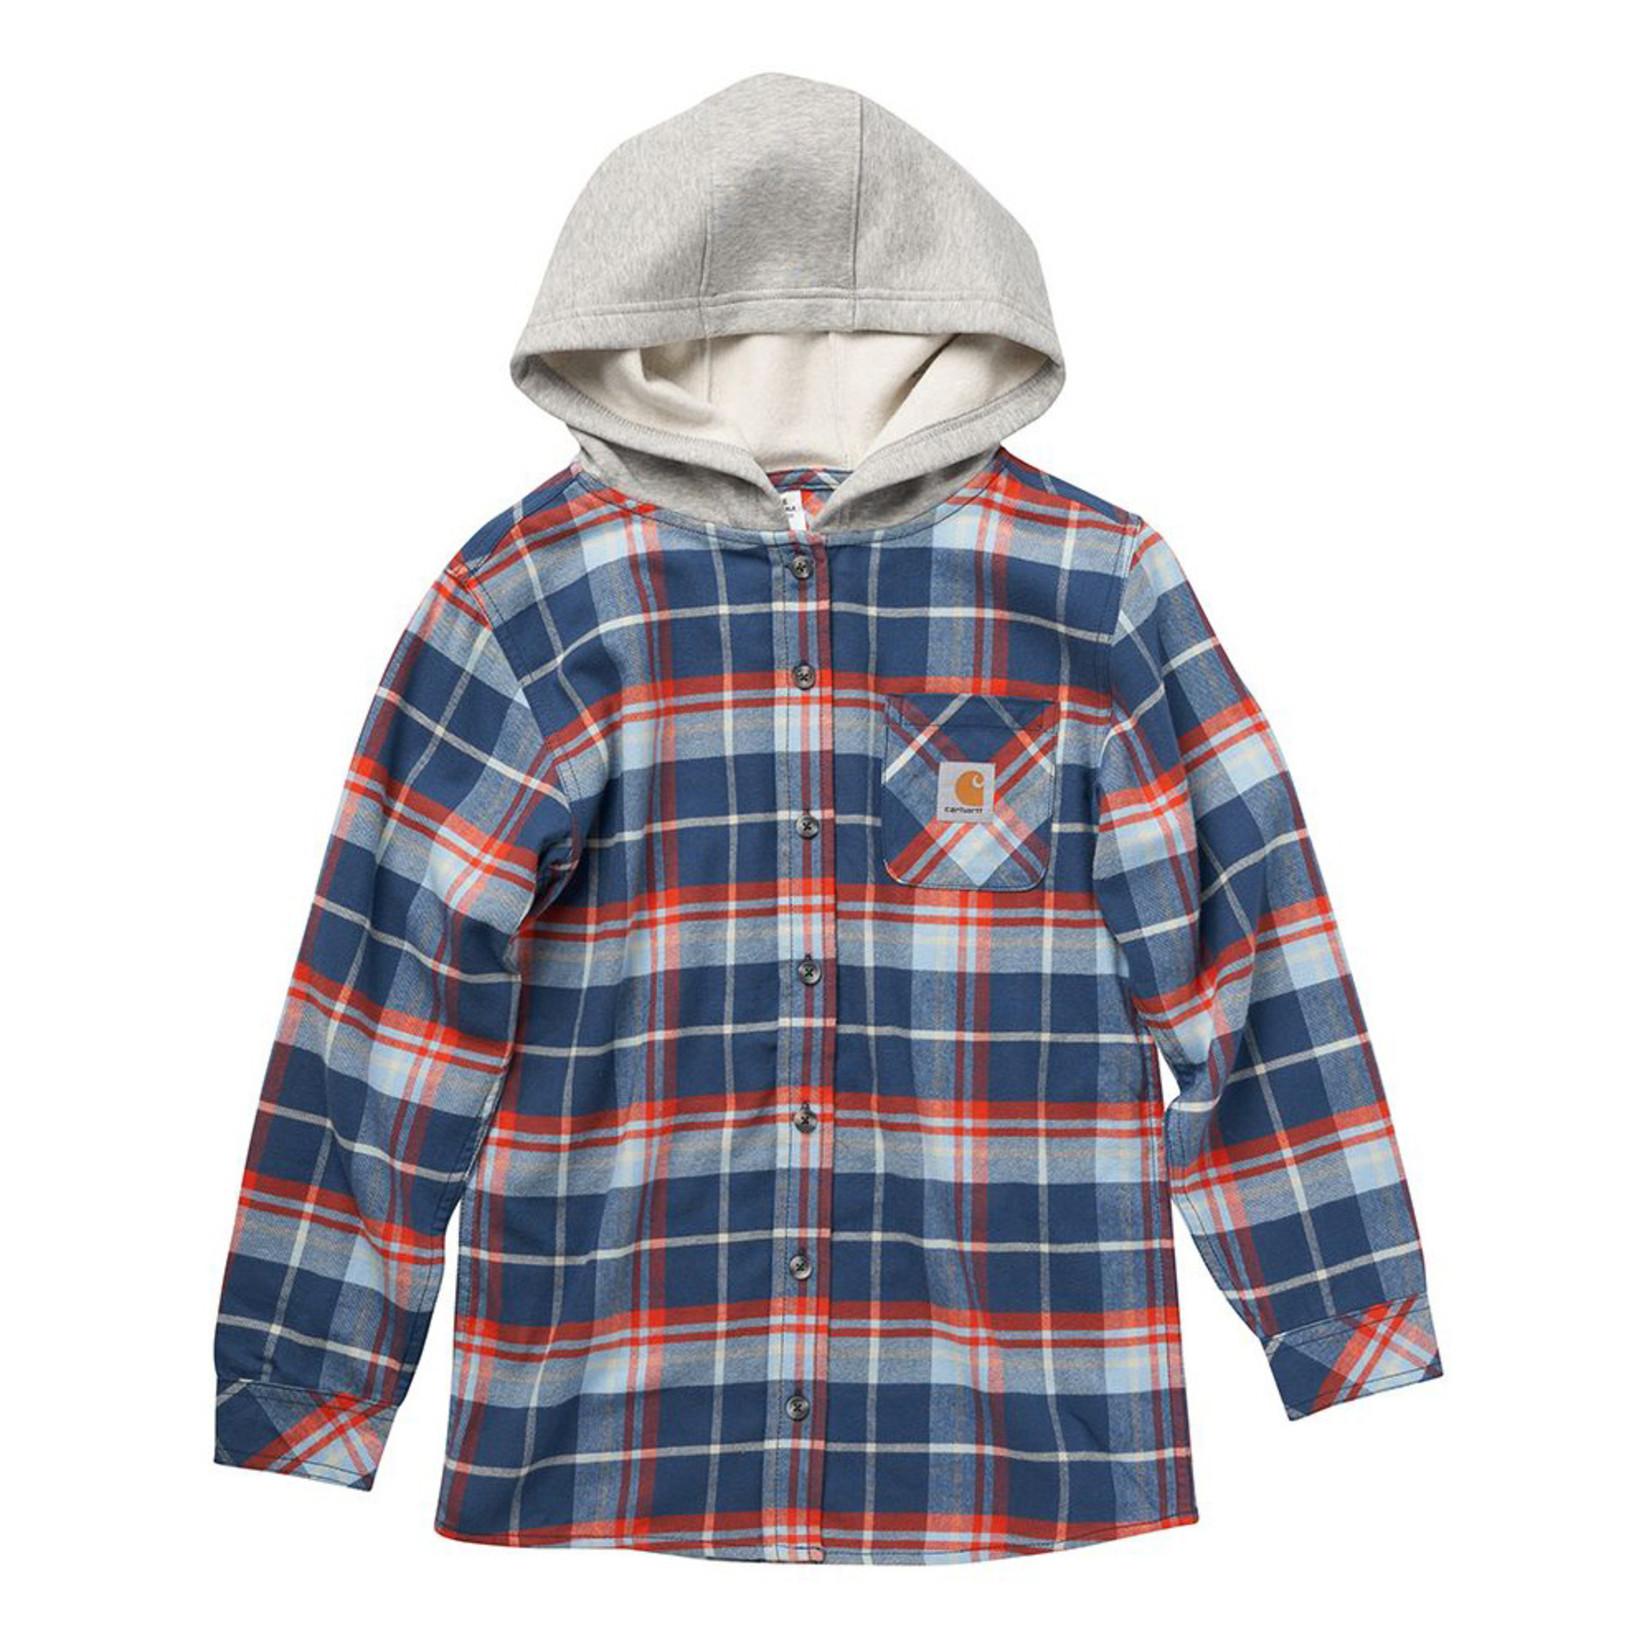 Carhartt Carhartt Boy's CE8187 Hooded Flannel Shirt